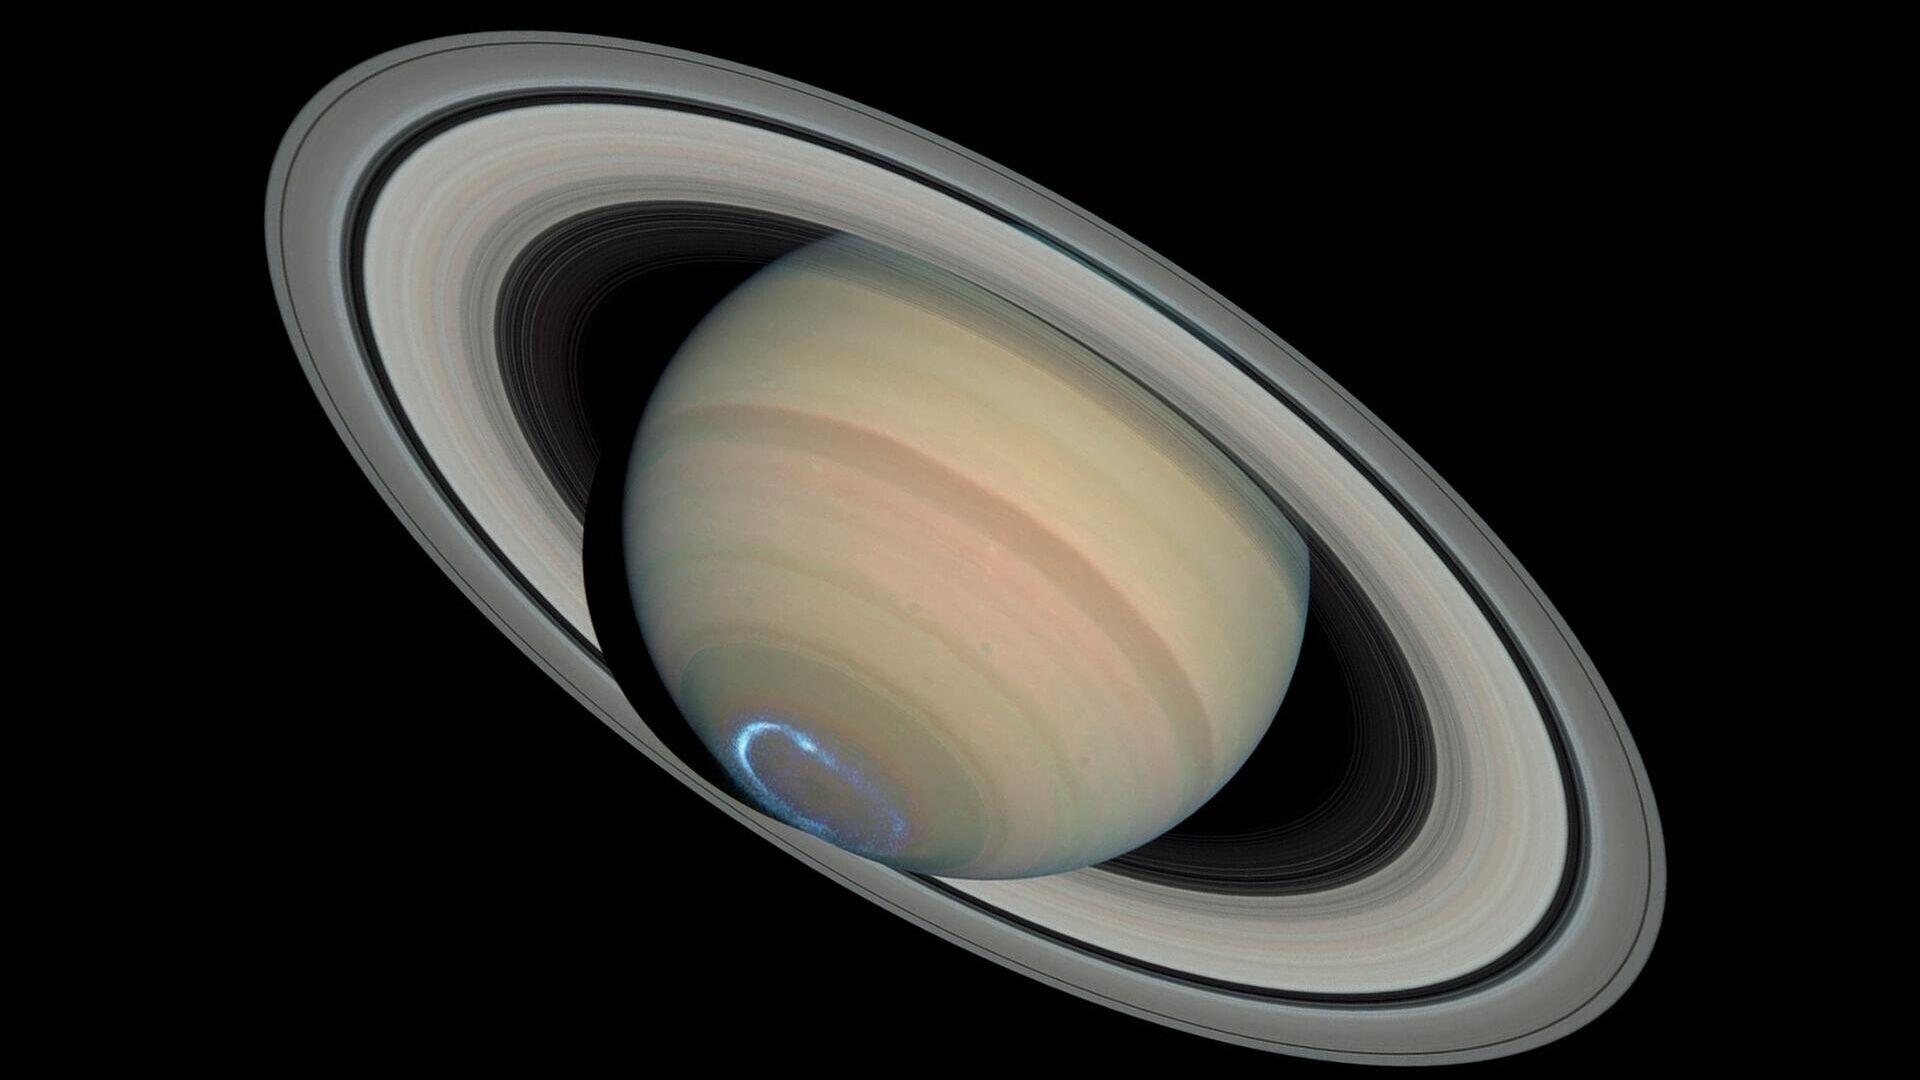 Астрономы получили первые данные о внутреннем строении Сатурна